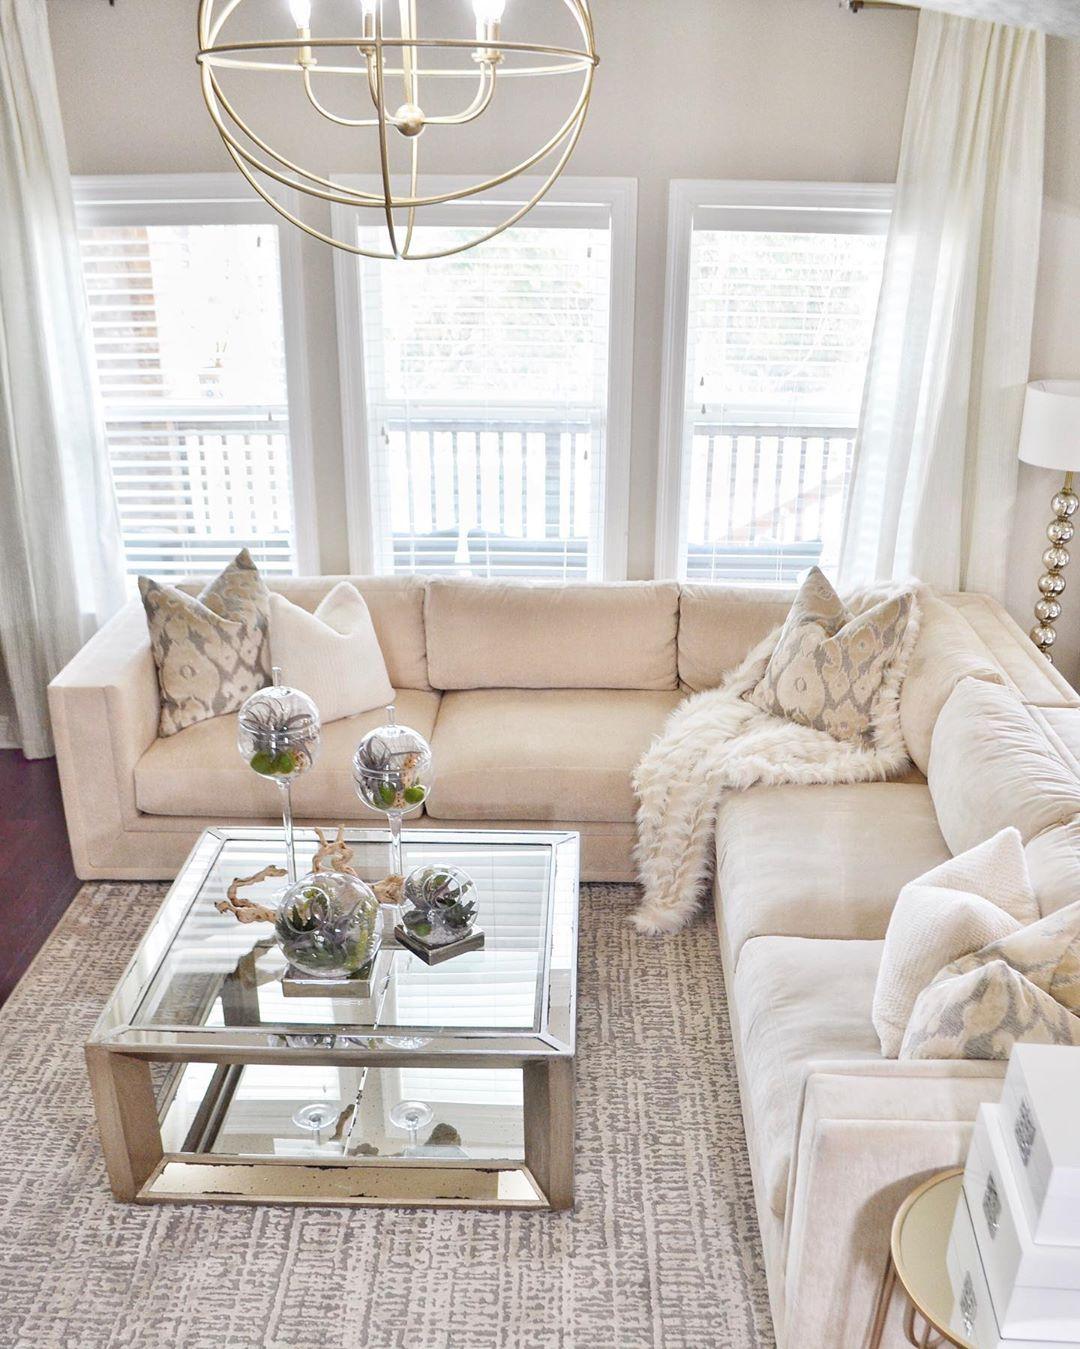 Glam Wohnzimmer mit silbernem Couchtisch via @saltgrassdecor